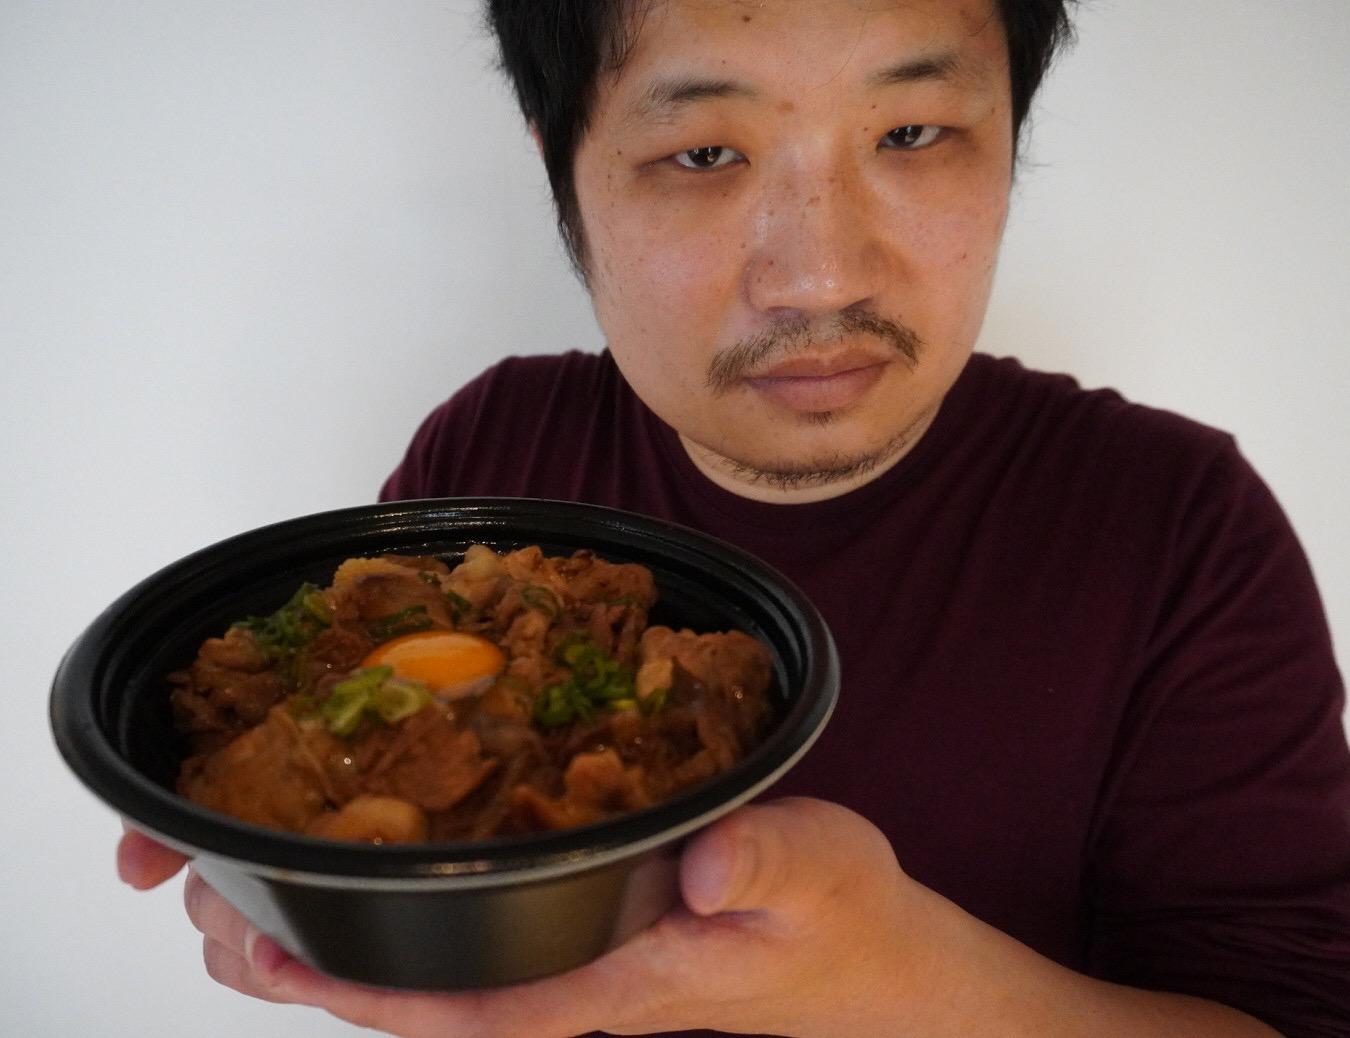 スタミナ 吉野家 吉野家「スタミナ超特盛丼」牛・豚・鶏が一気に味わえる吉野家史上最大ボリュームの一品! (2020年6月2日)